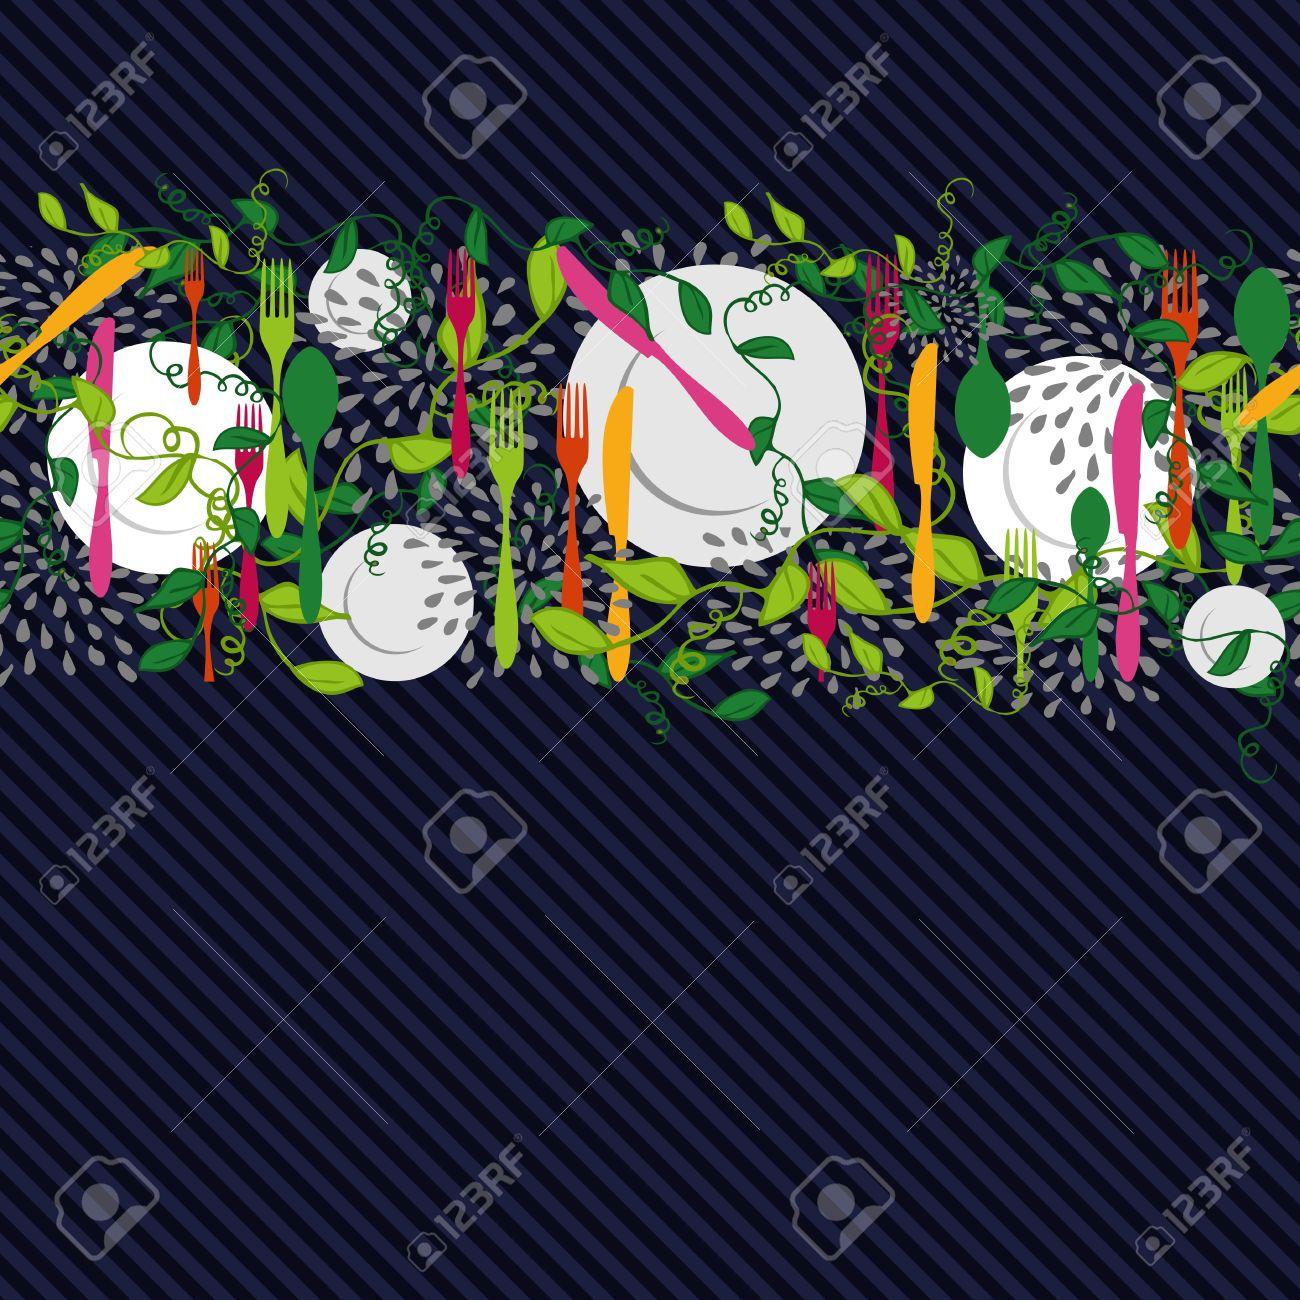 Besteck, Teller Und Lebensmittelküchenelemente Entwerfen Nahtlose ...